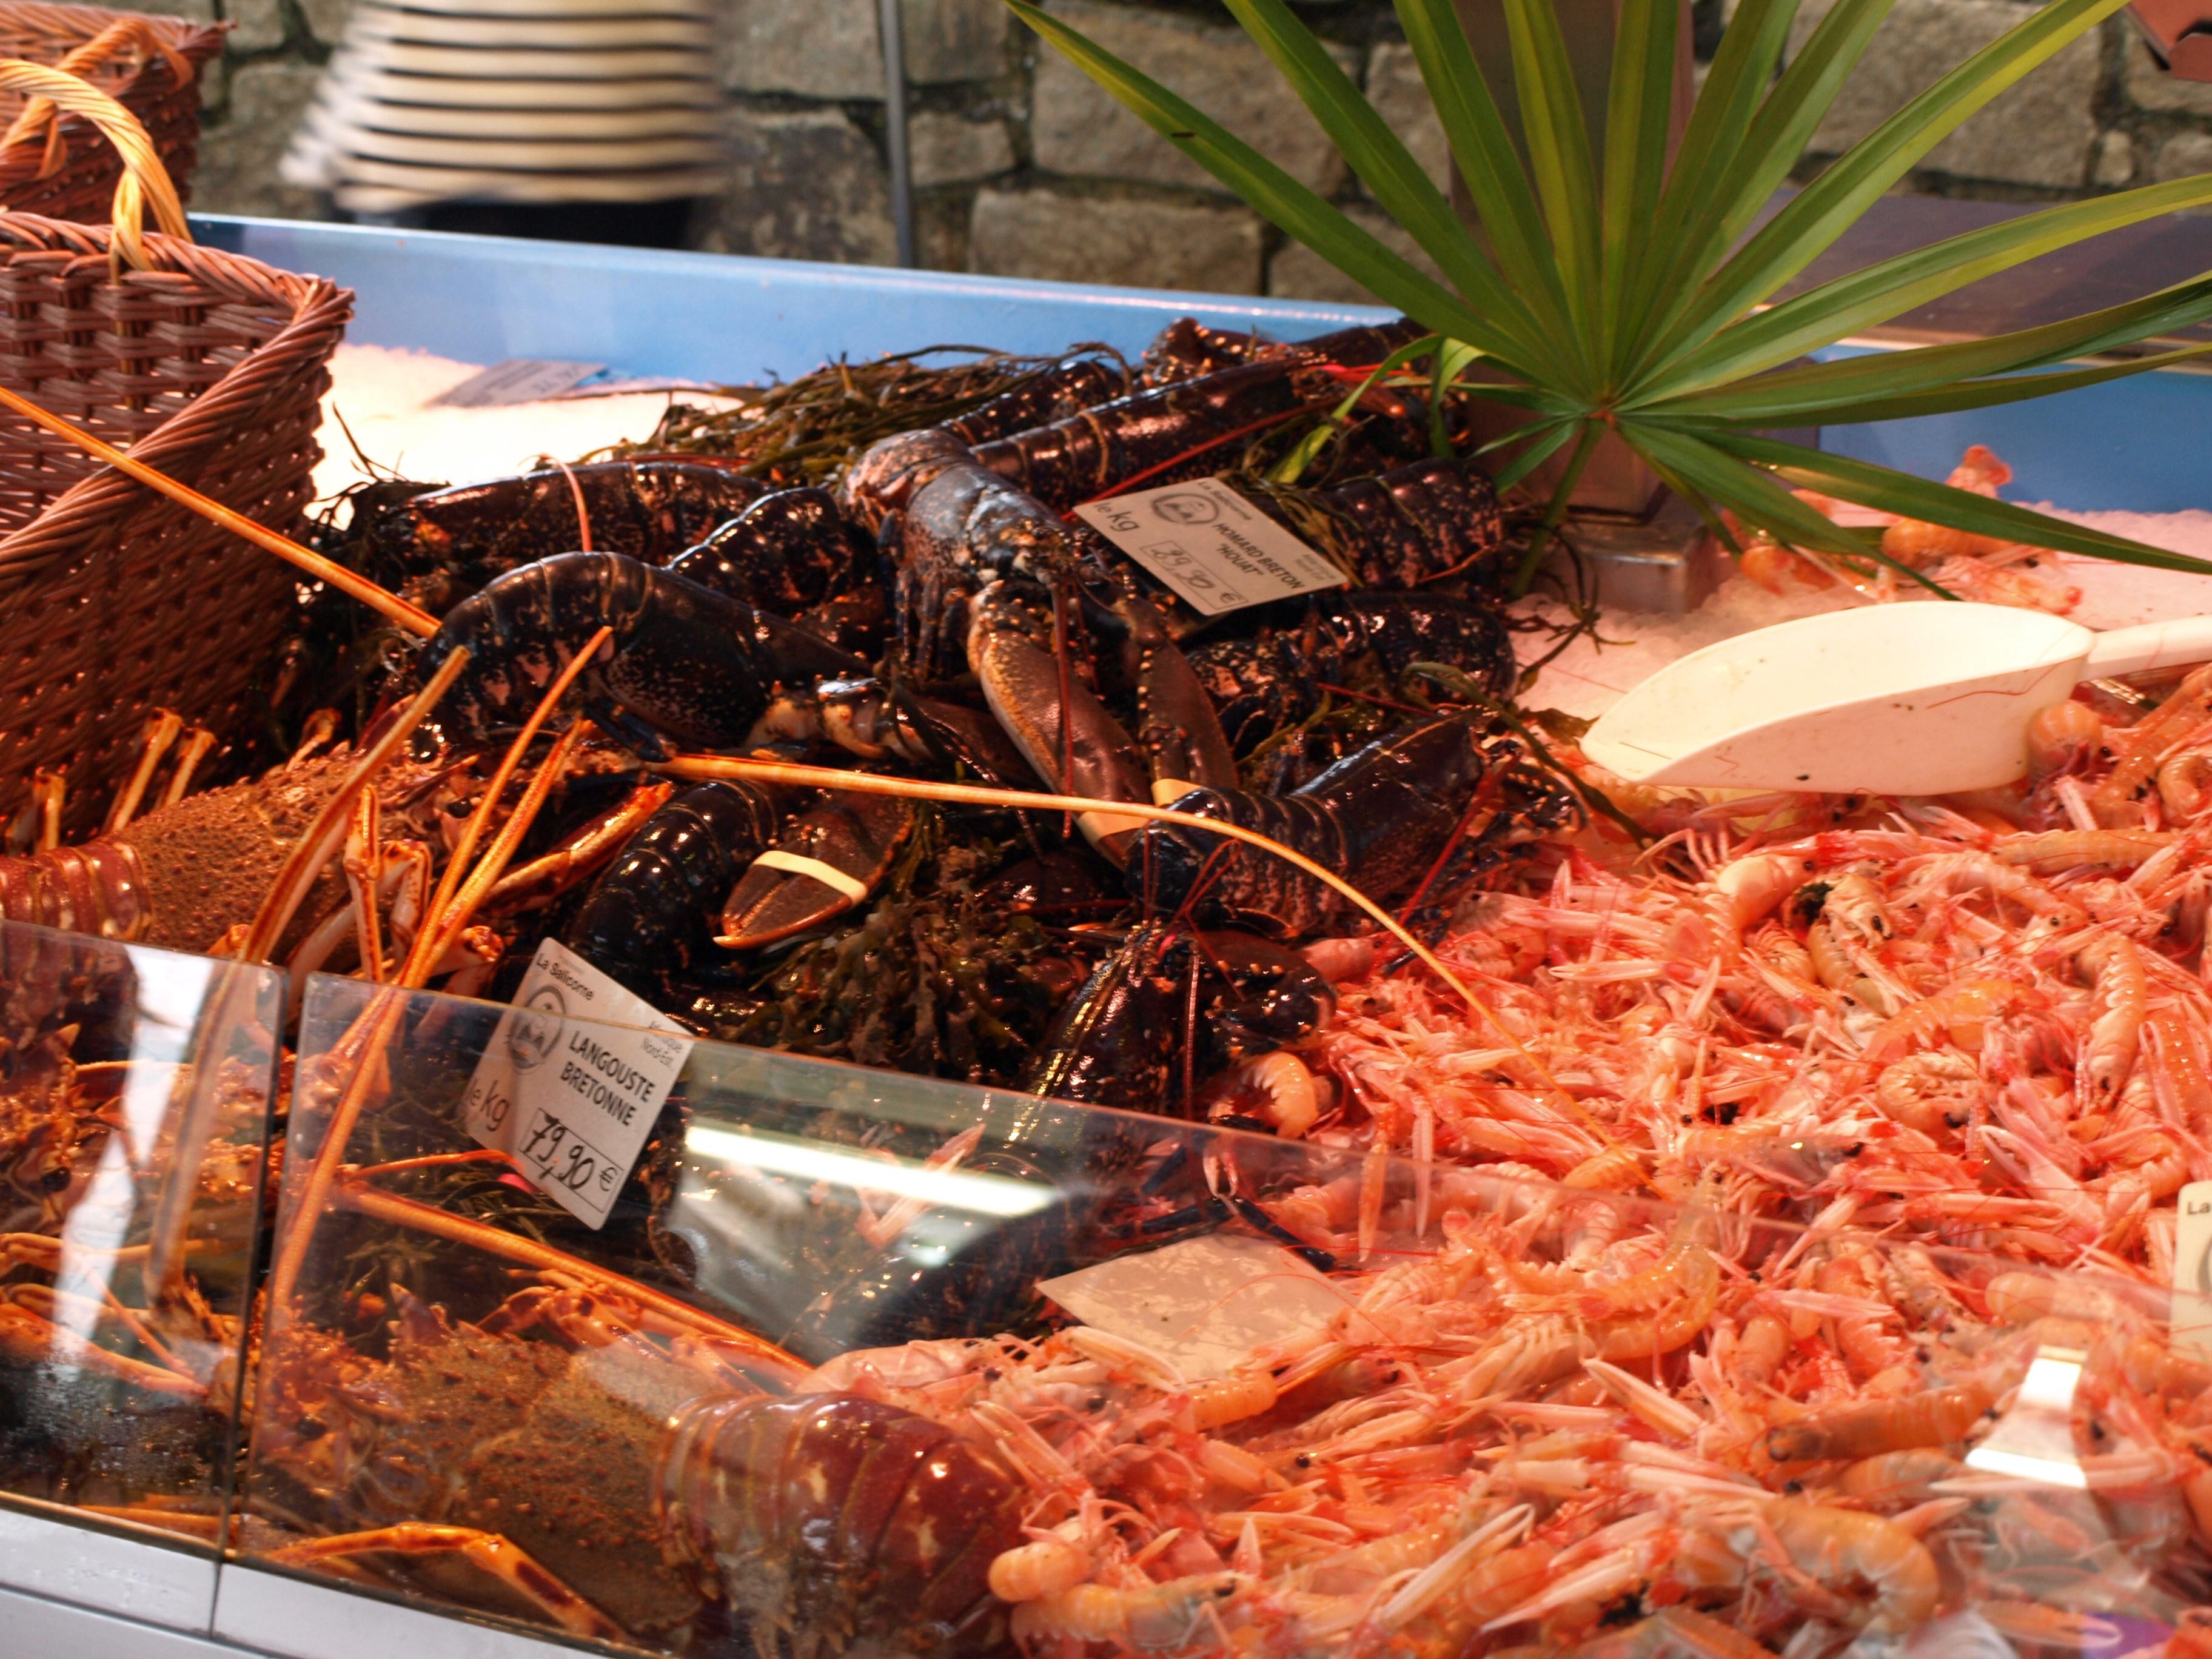 Francie - Bretaň - Carnac, plody moře na tržnici